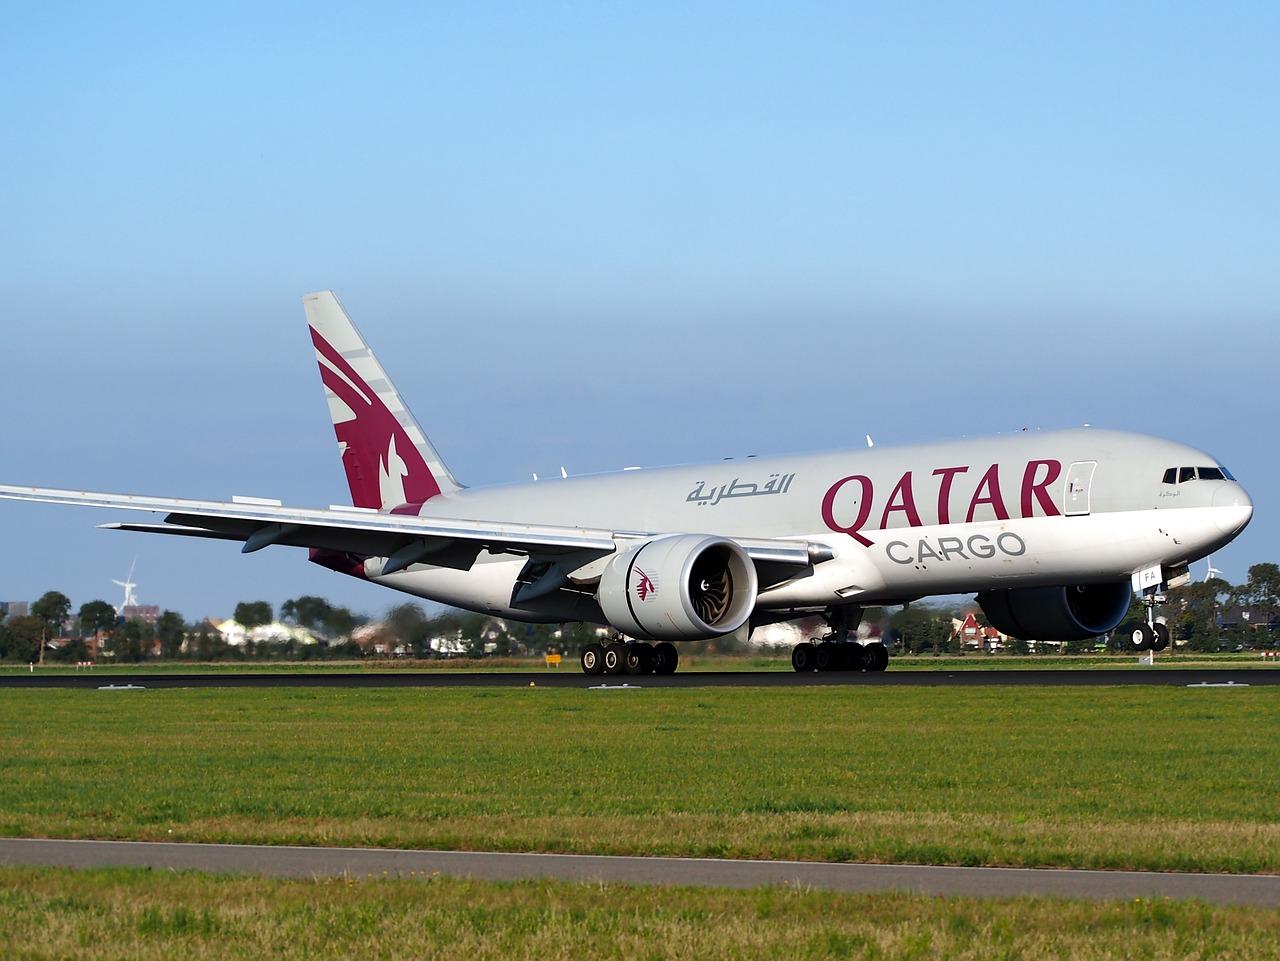 Le Qatar s'excuse pour les tests gynécologiques imposés à des passages d'avion